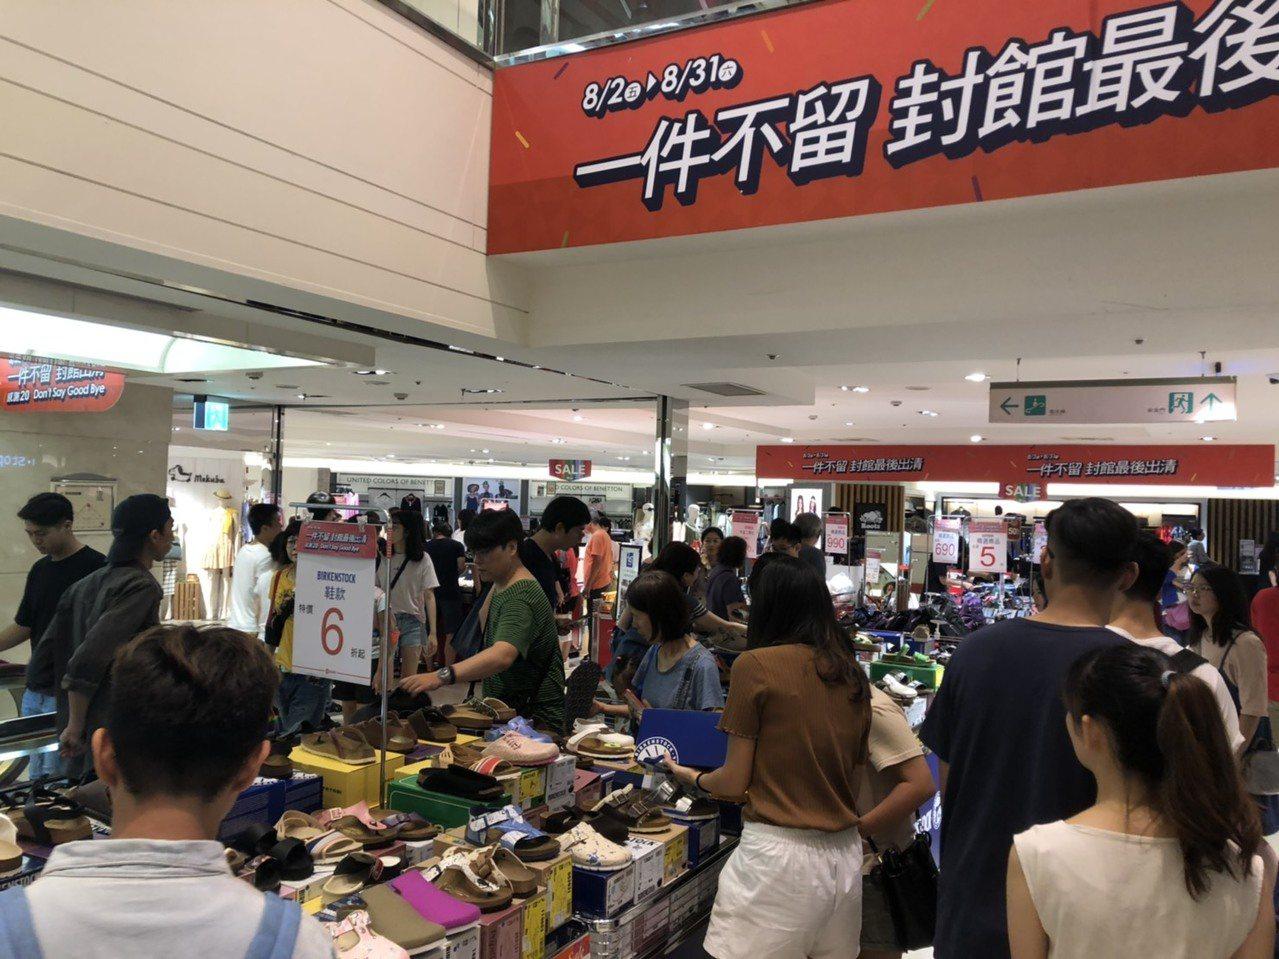 記者稍早前往SOGO新竹站前館現場,發現人潮眾多,有人把握時間加緊採購特價商品。...